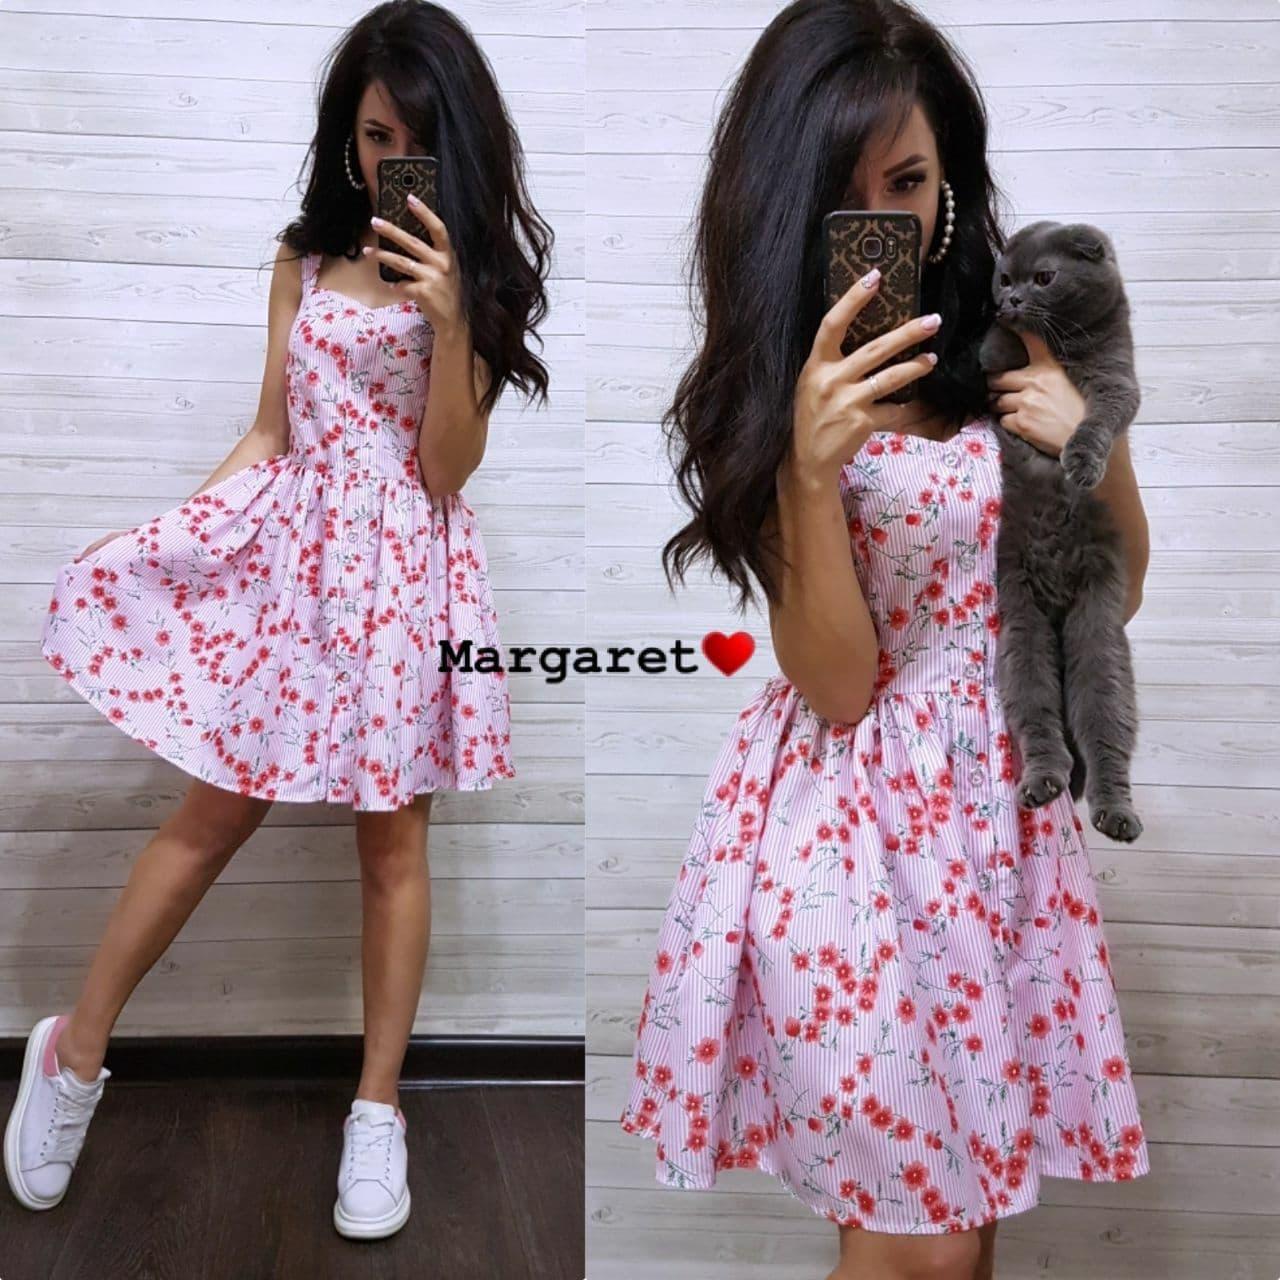 Літнє плаття сорочка з розкльошеною спідницею без рукавів в квітковий принт з бавовни (р. 42, 44) 9032696